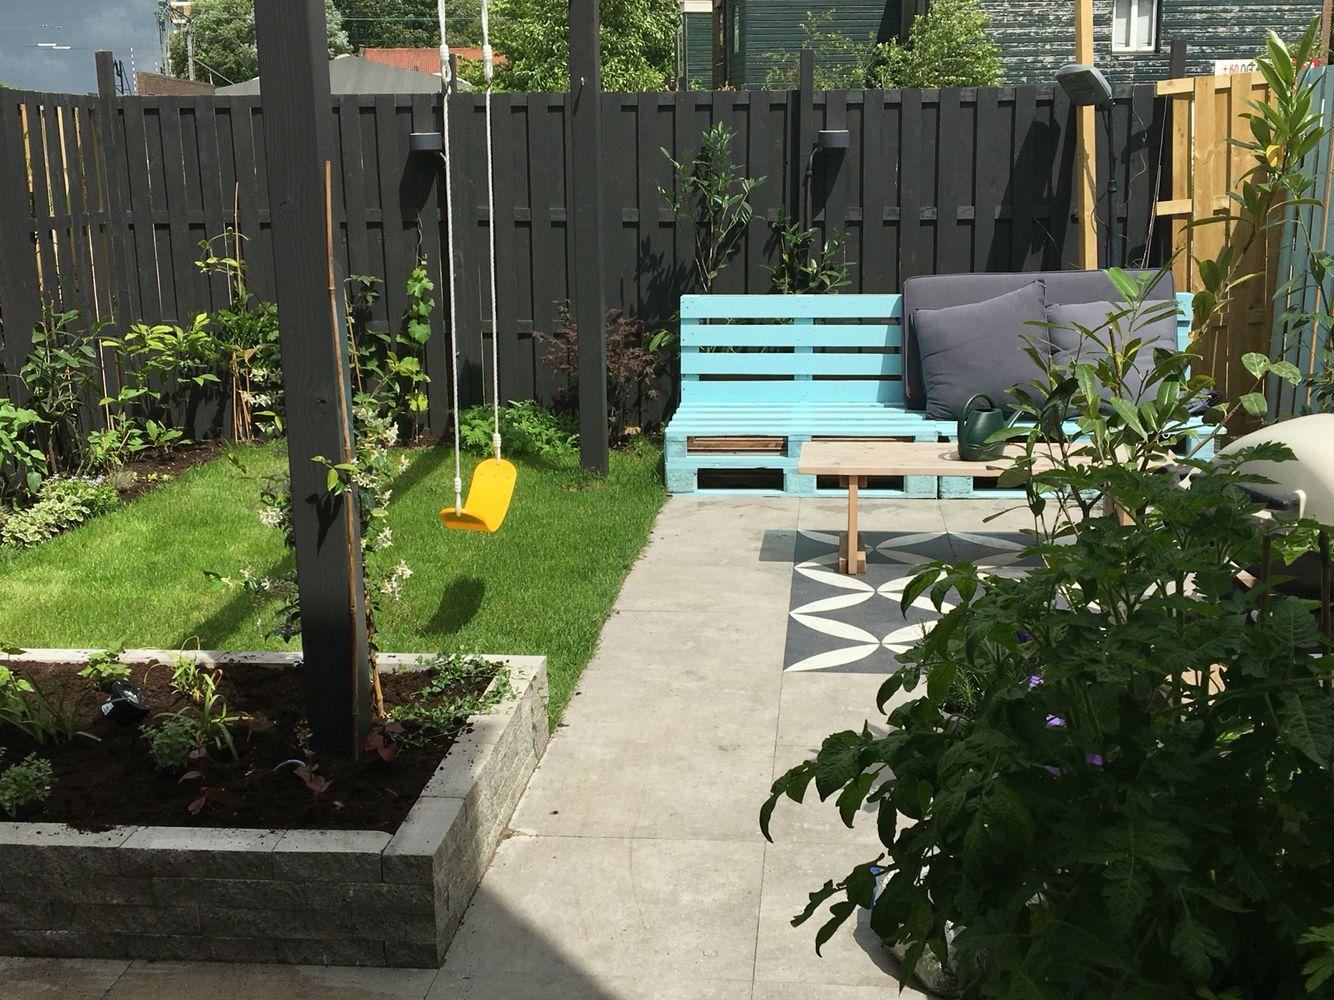 Stadstuin vtwonen palet pergola schommel gras kleine for Kleine stadstuin ideeen